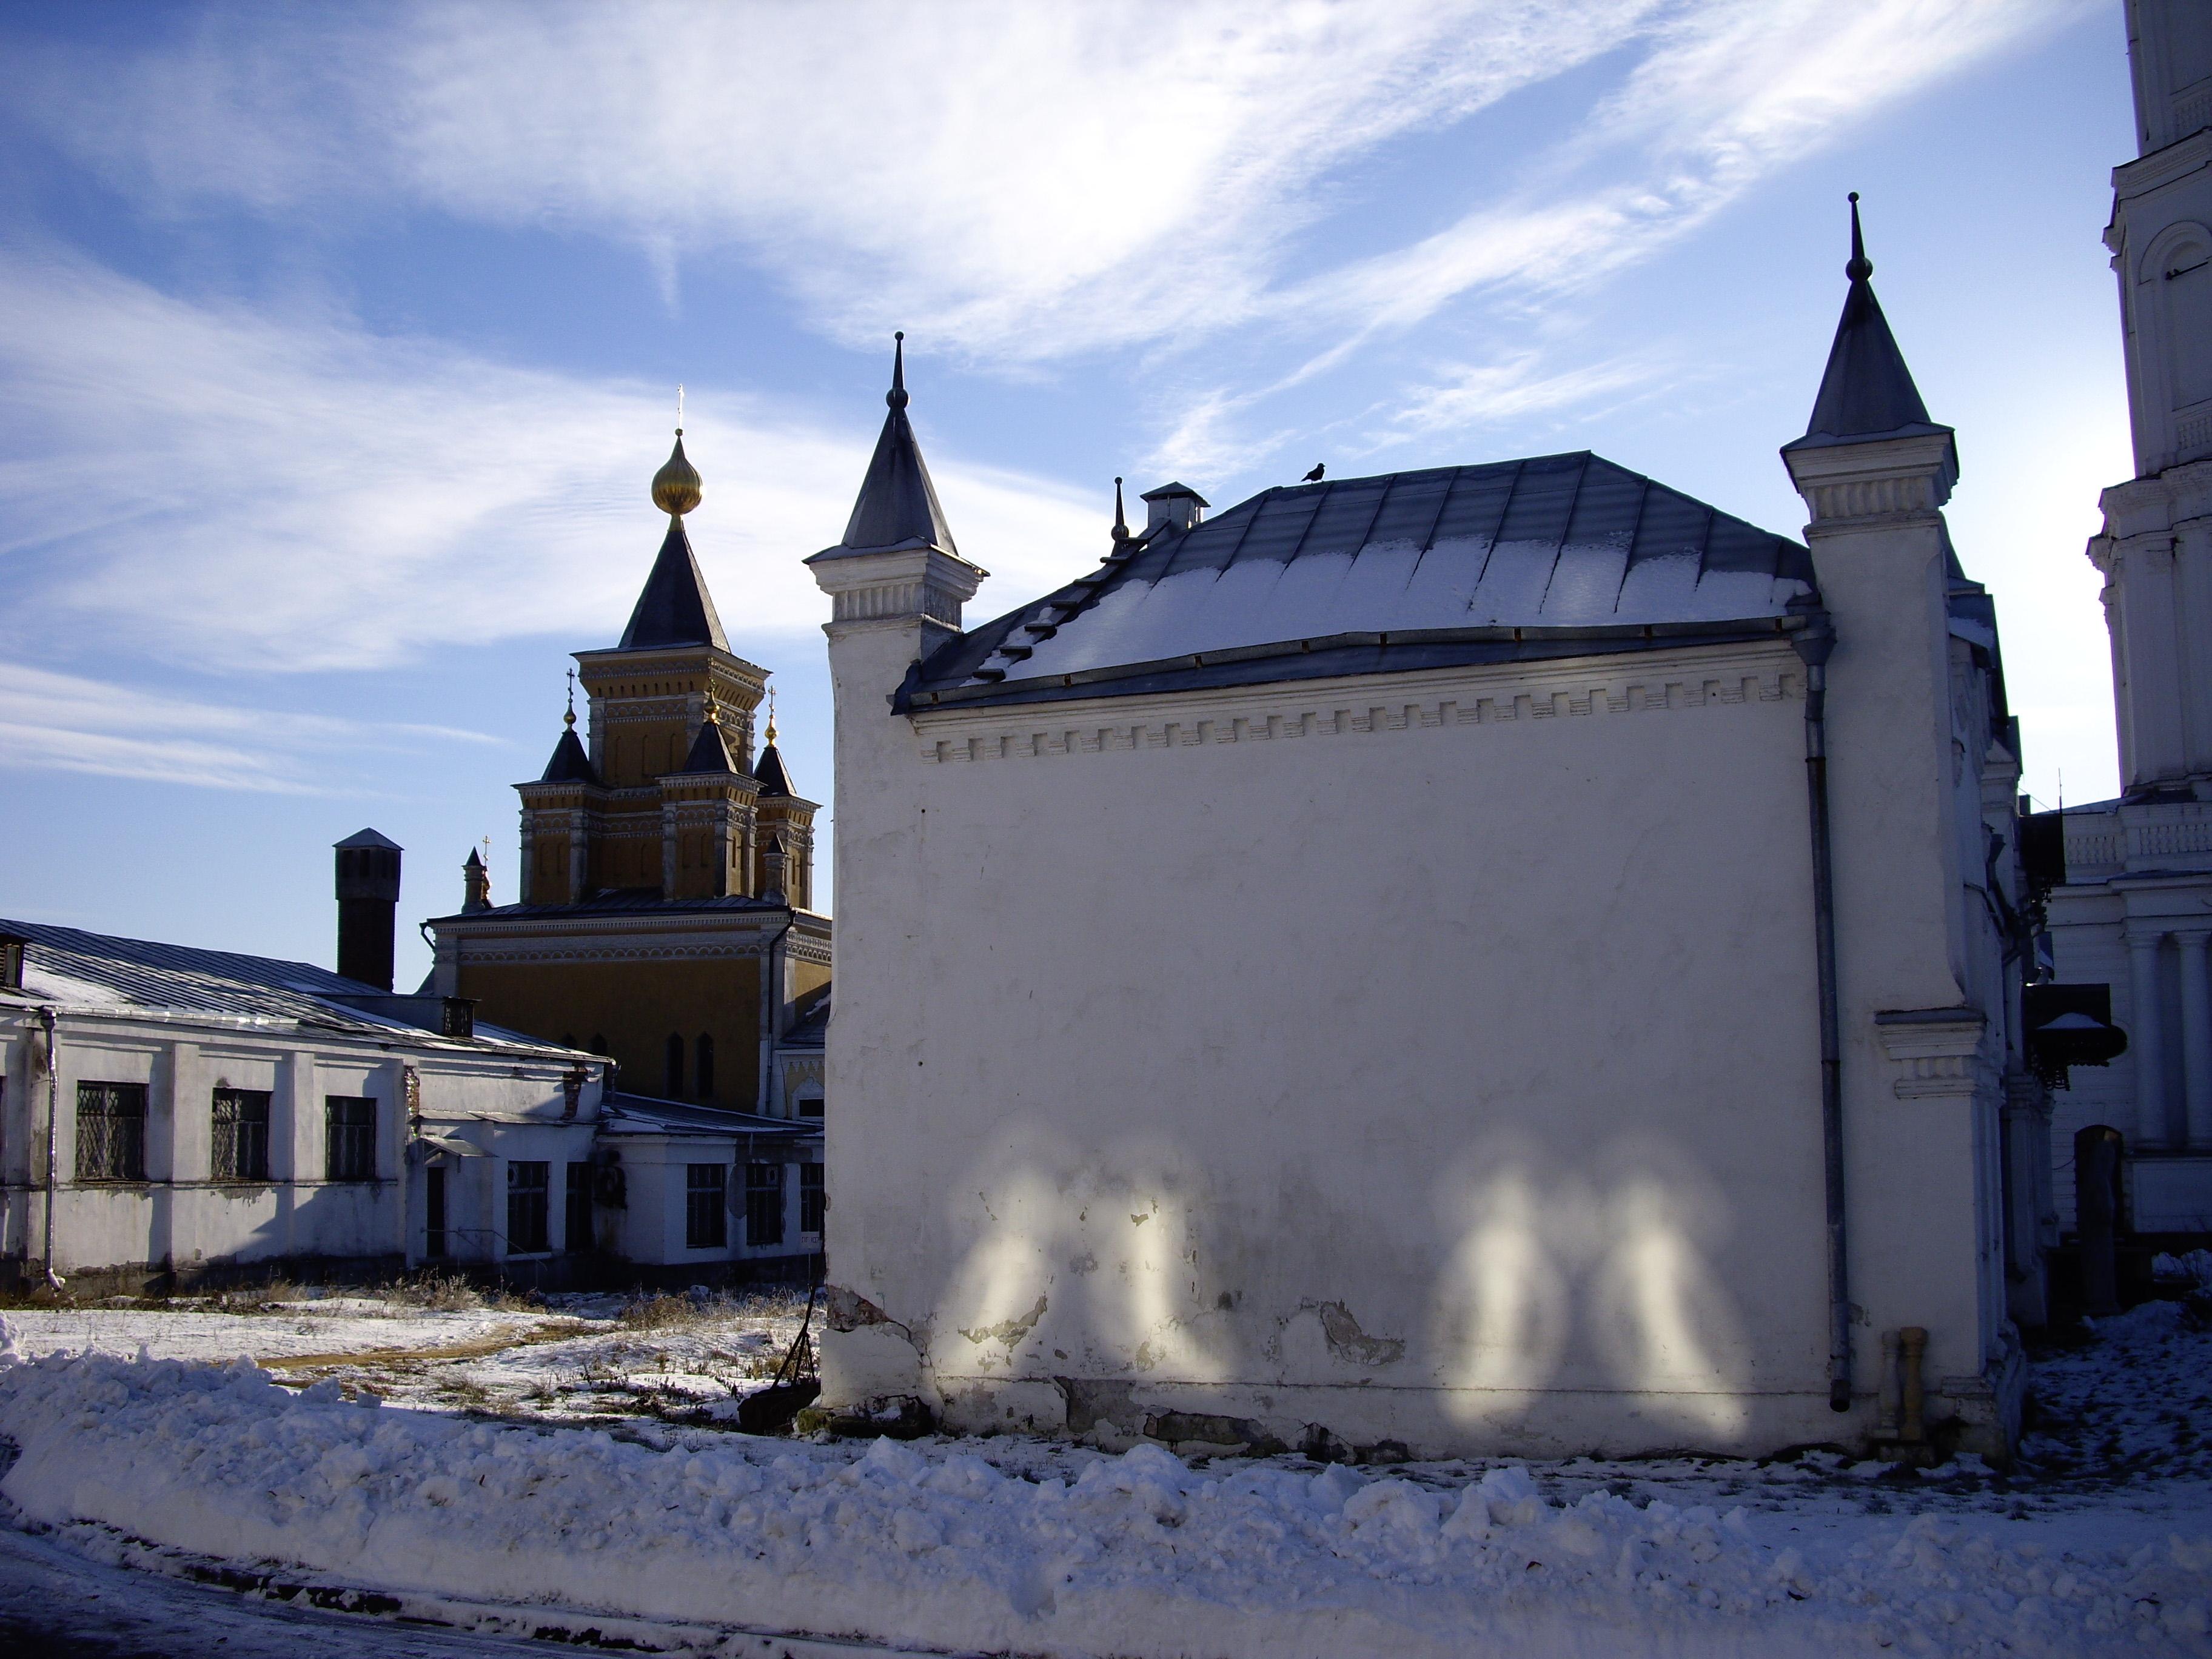 ангел в церкви фото золотисто-русого цвета всегда